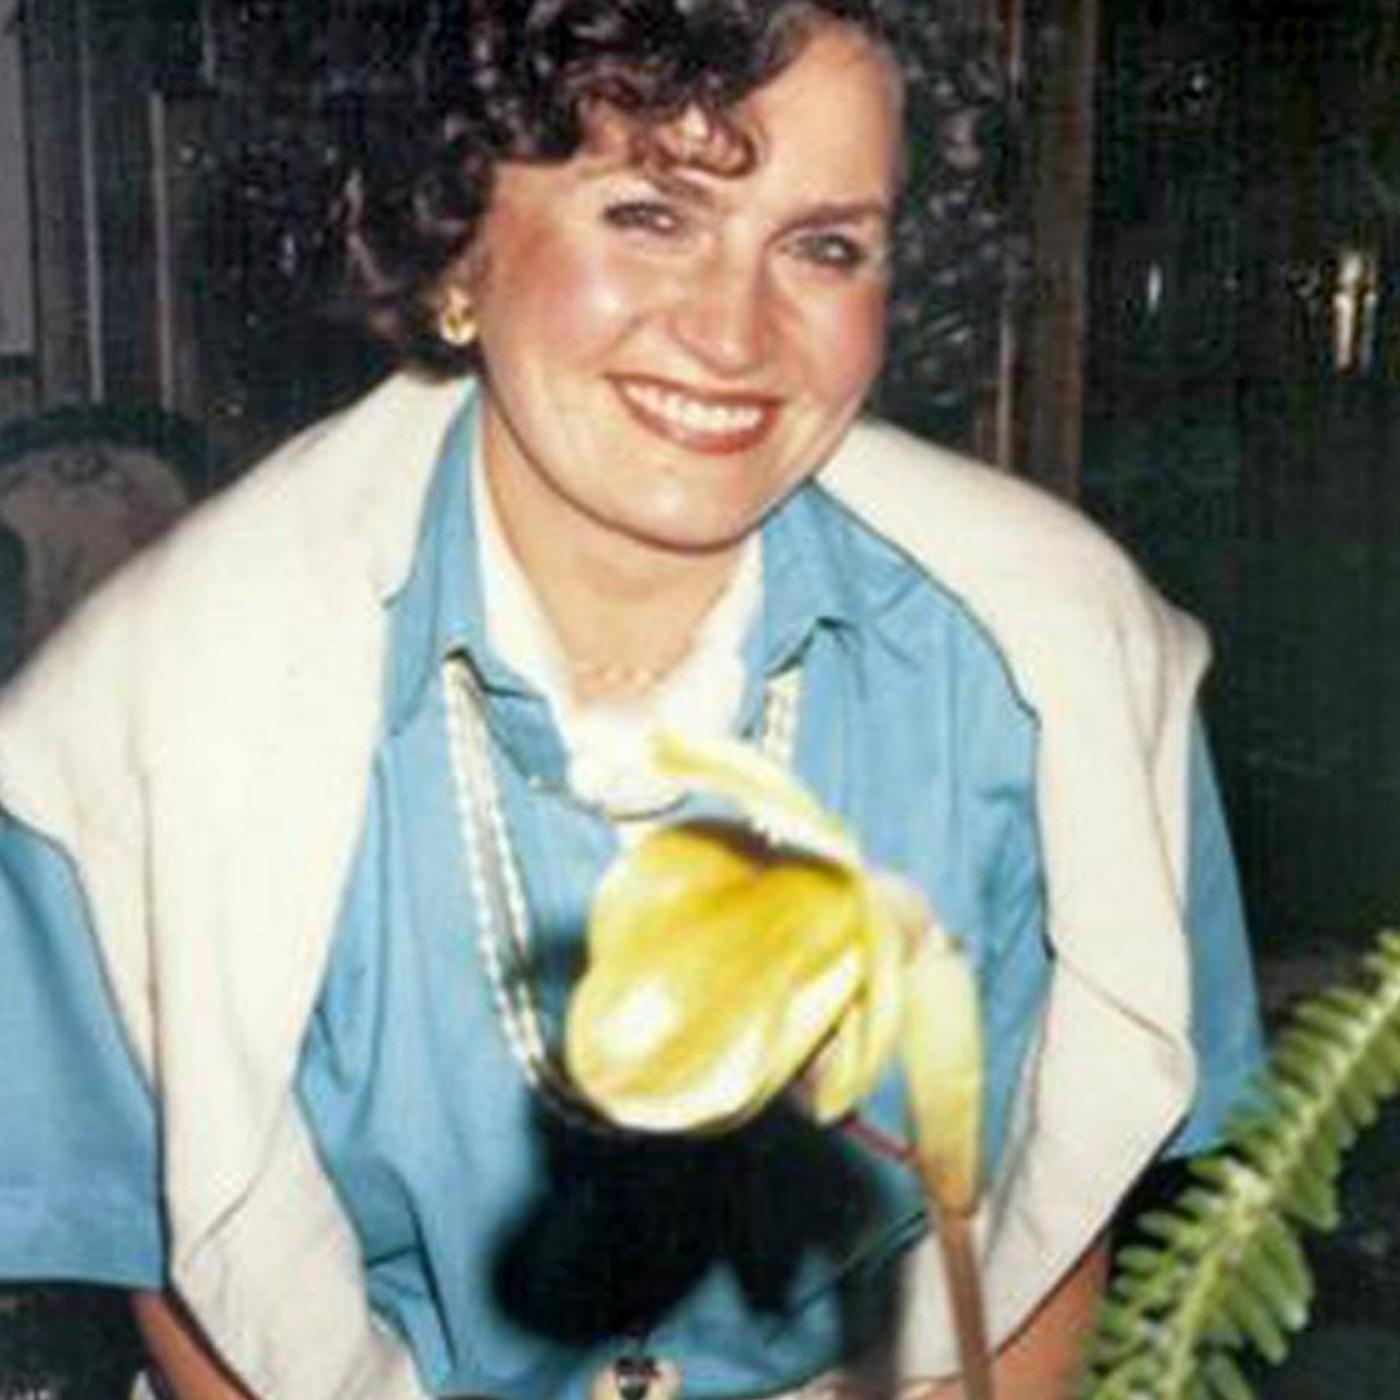 Brigitte Scholl | Burgemeester van Ludwigsfelde (DE)